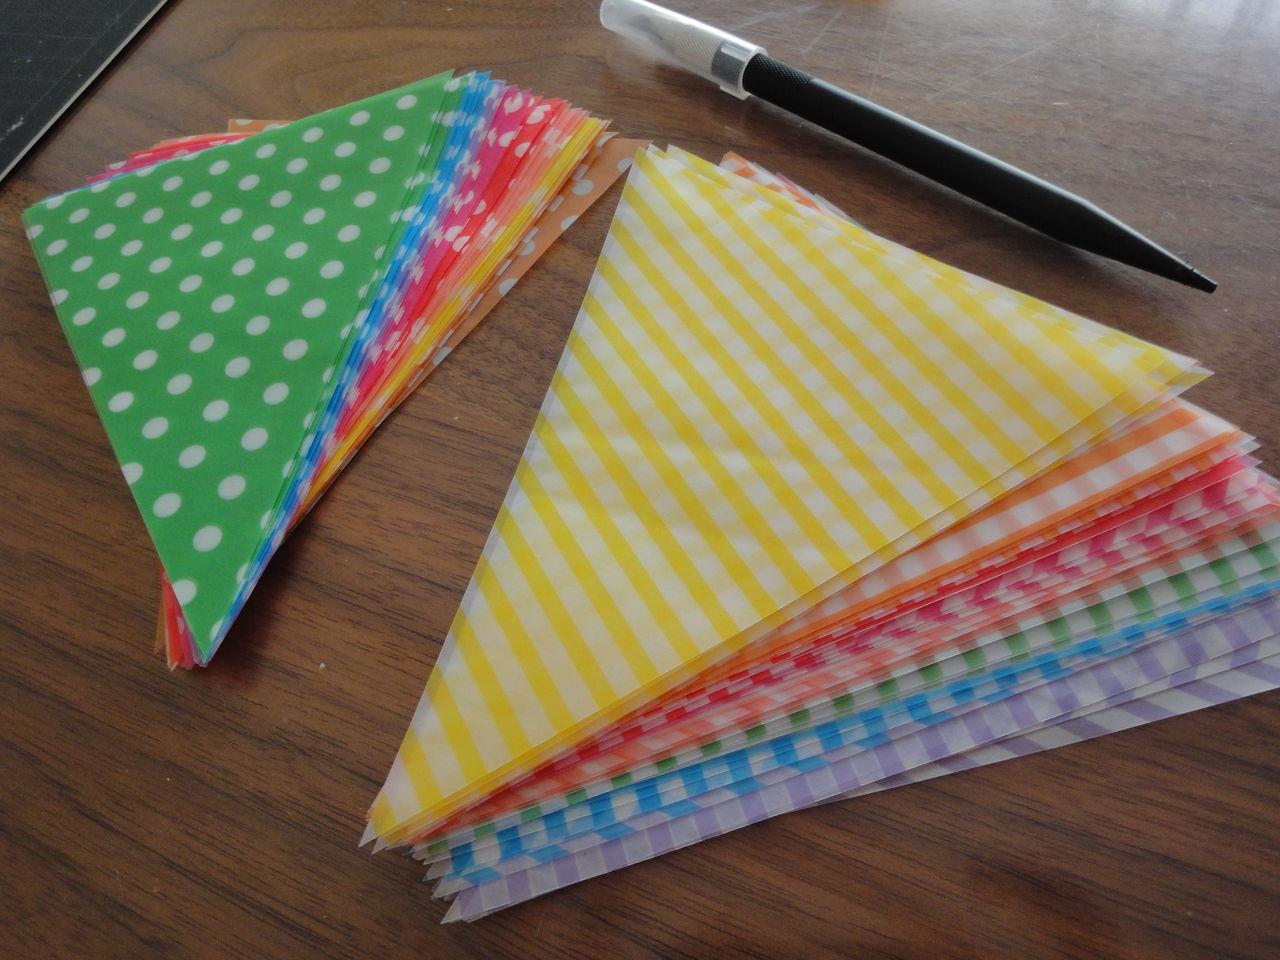 折り紙の いろんな折り紙の作り方 : ドット柄48枚とストライプ柄48 ...